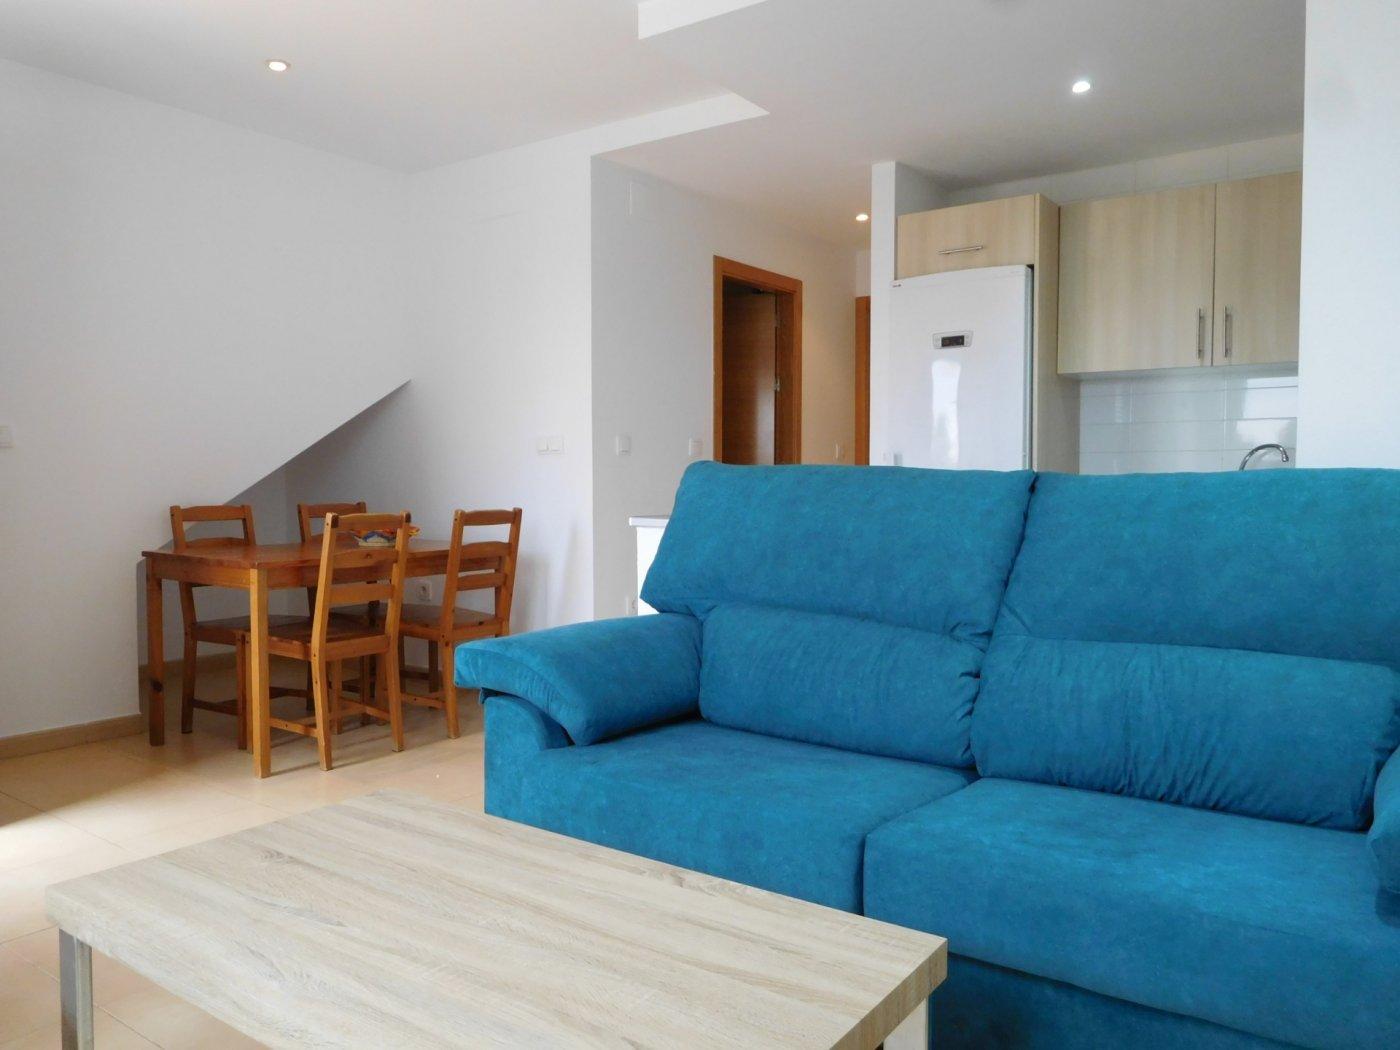 Image 2 Apartment ref 3265-2371 for rent in Condado De Alhama Spain - Quality Homes Costa Cálida